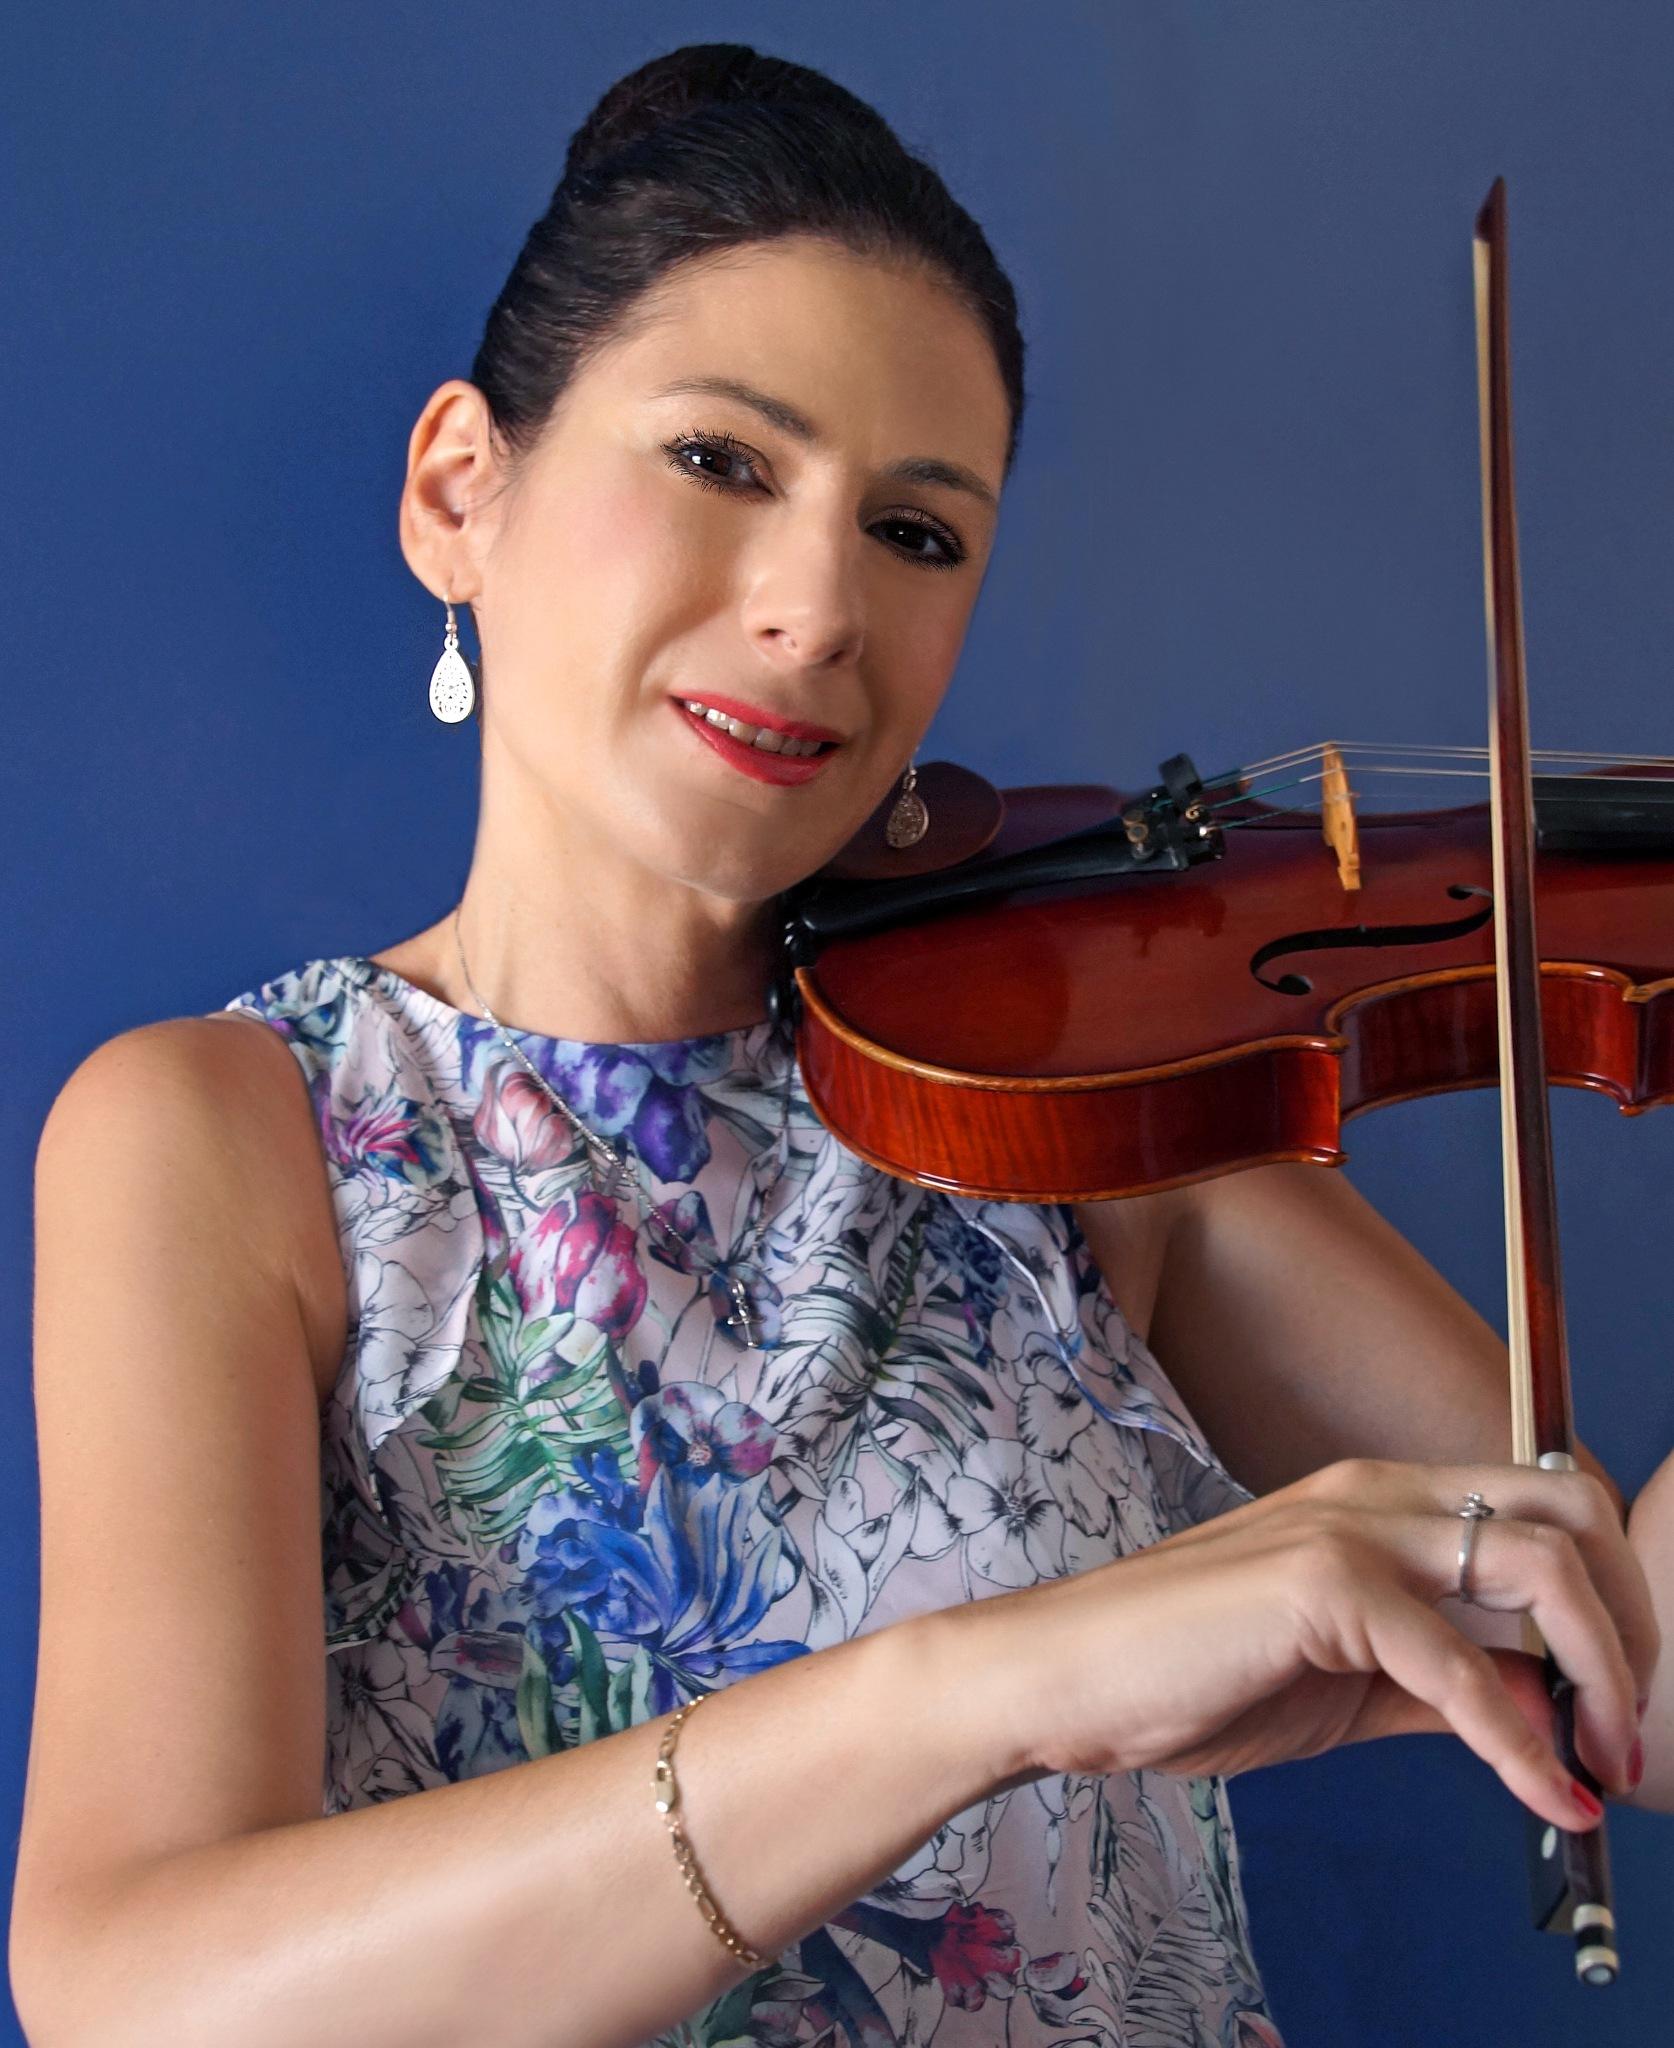 violinist by darko1965